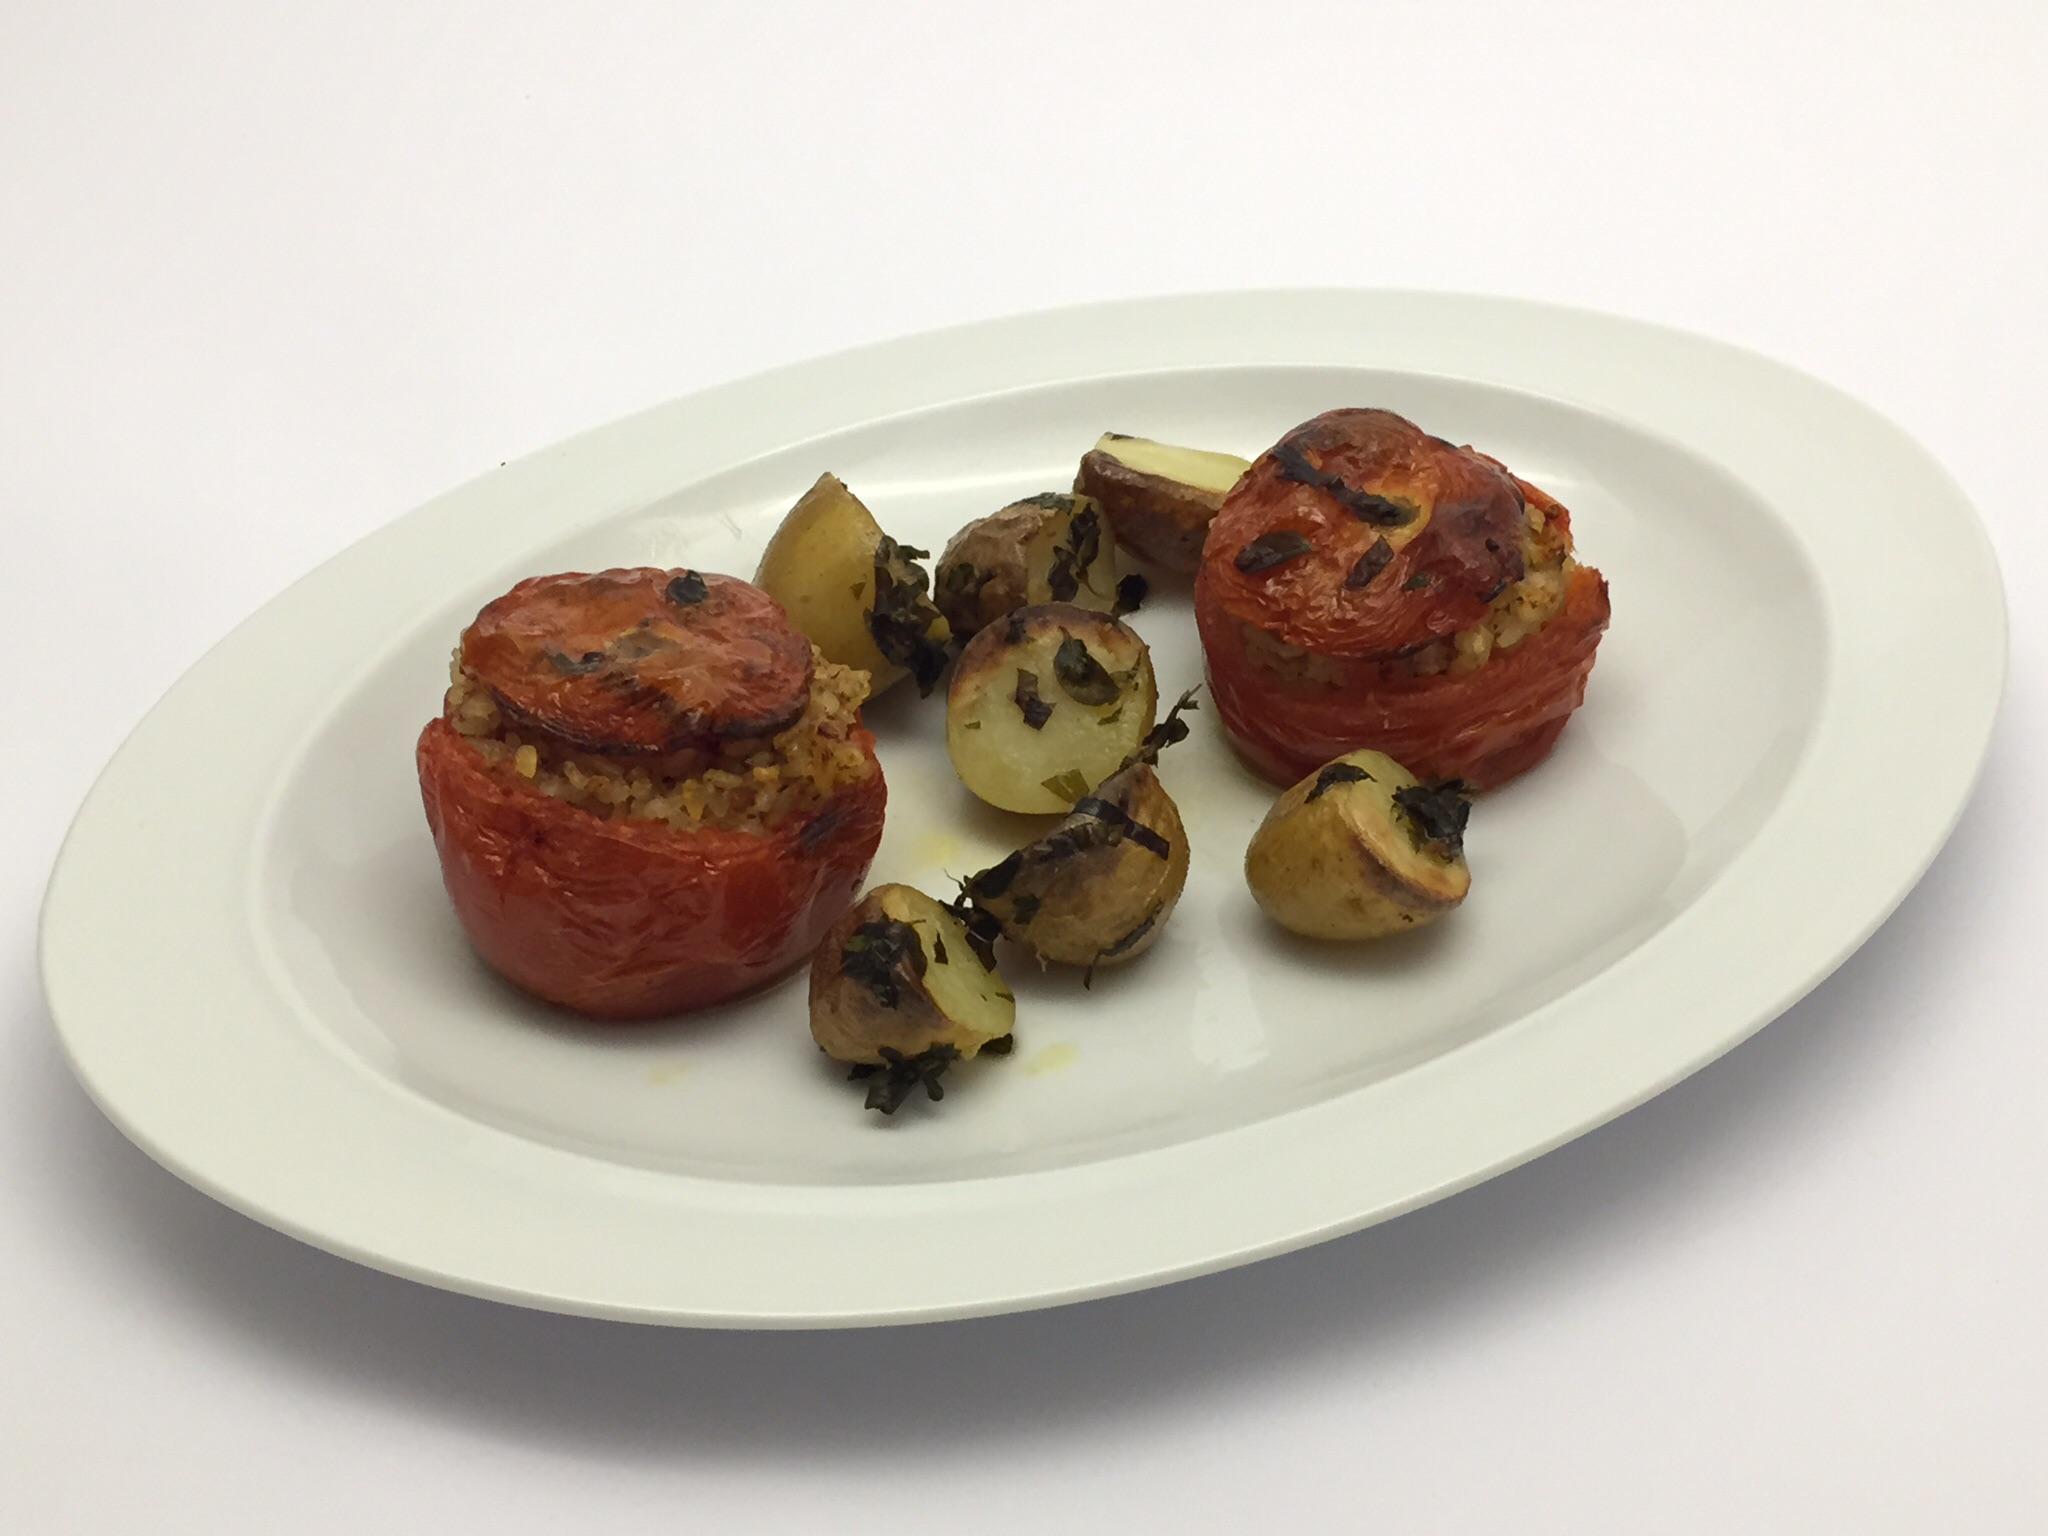 Pomodori Ripieni Al Riso Sono Un Classico Della Cucina Mediterranea #6B3A23 2048 1536 Cucina Mediterranea Senza Glutine